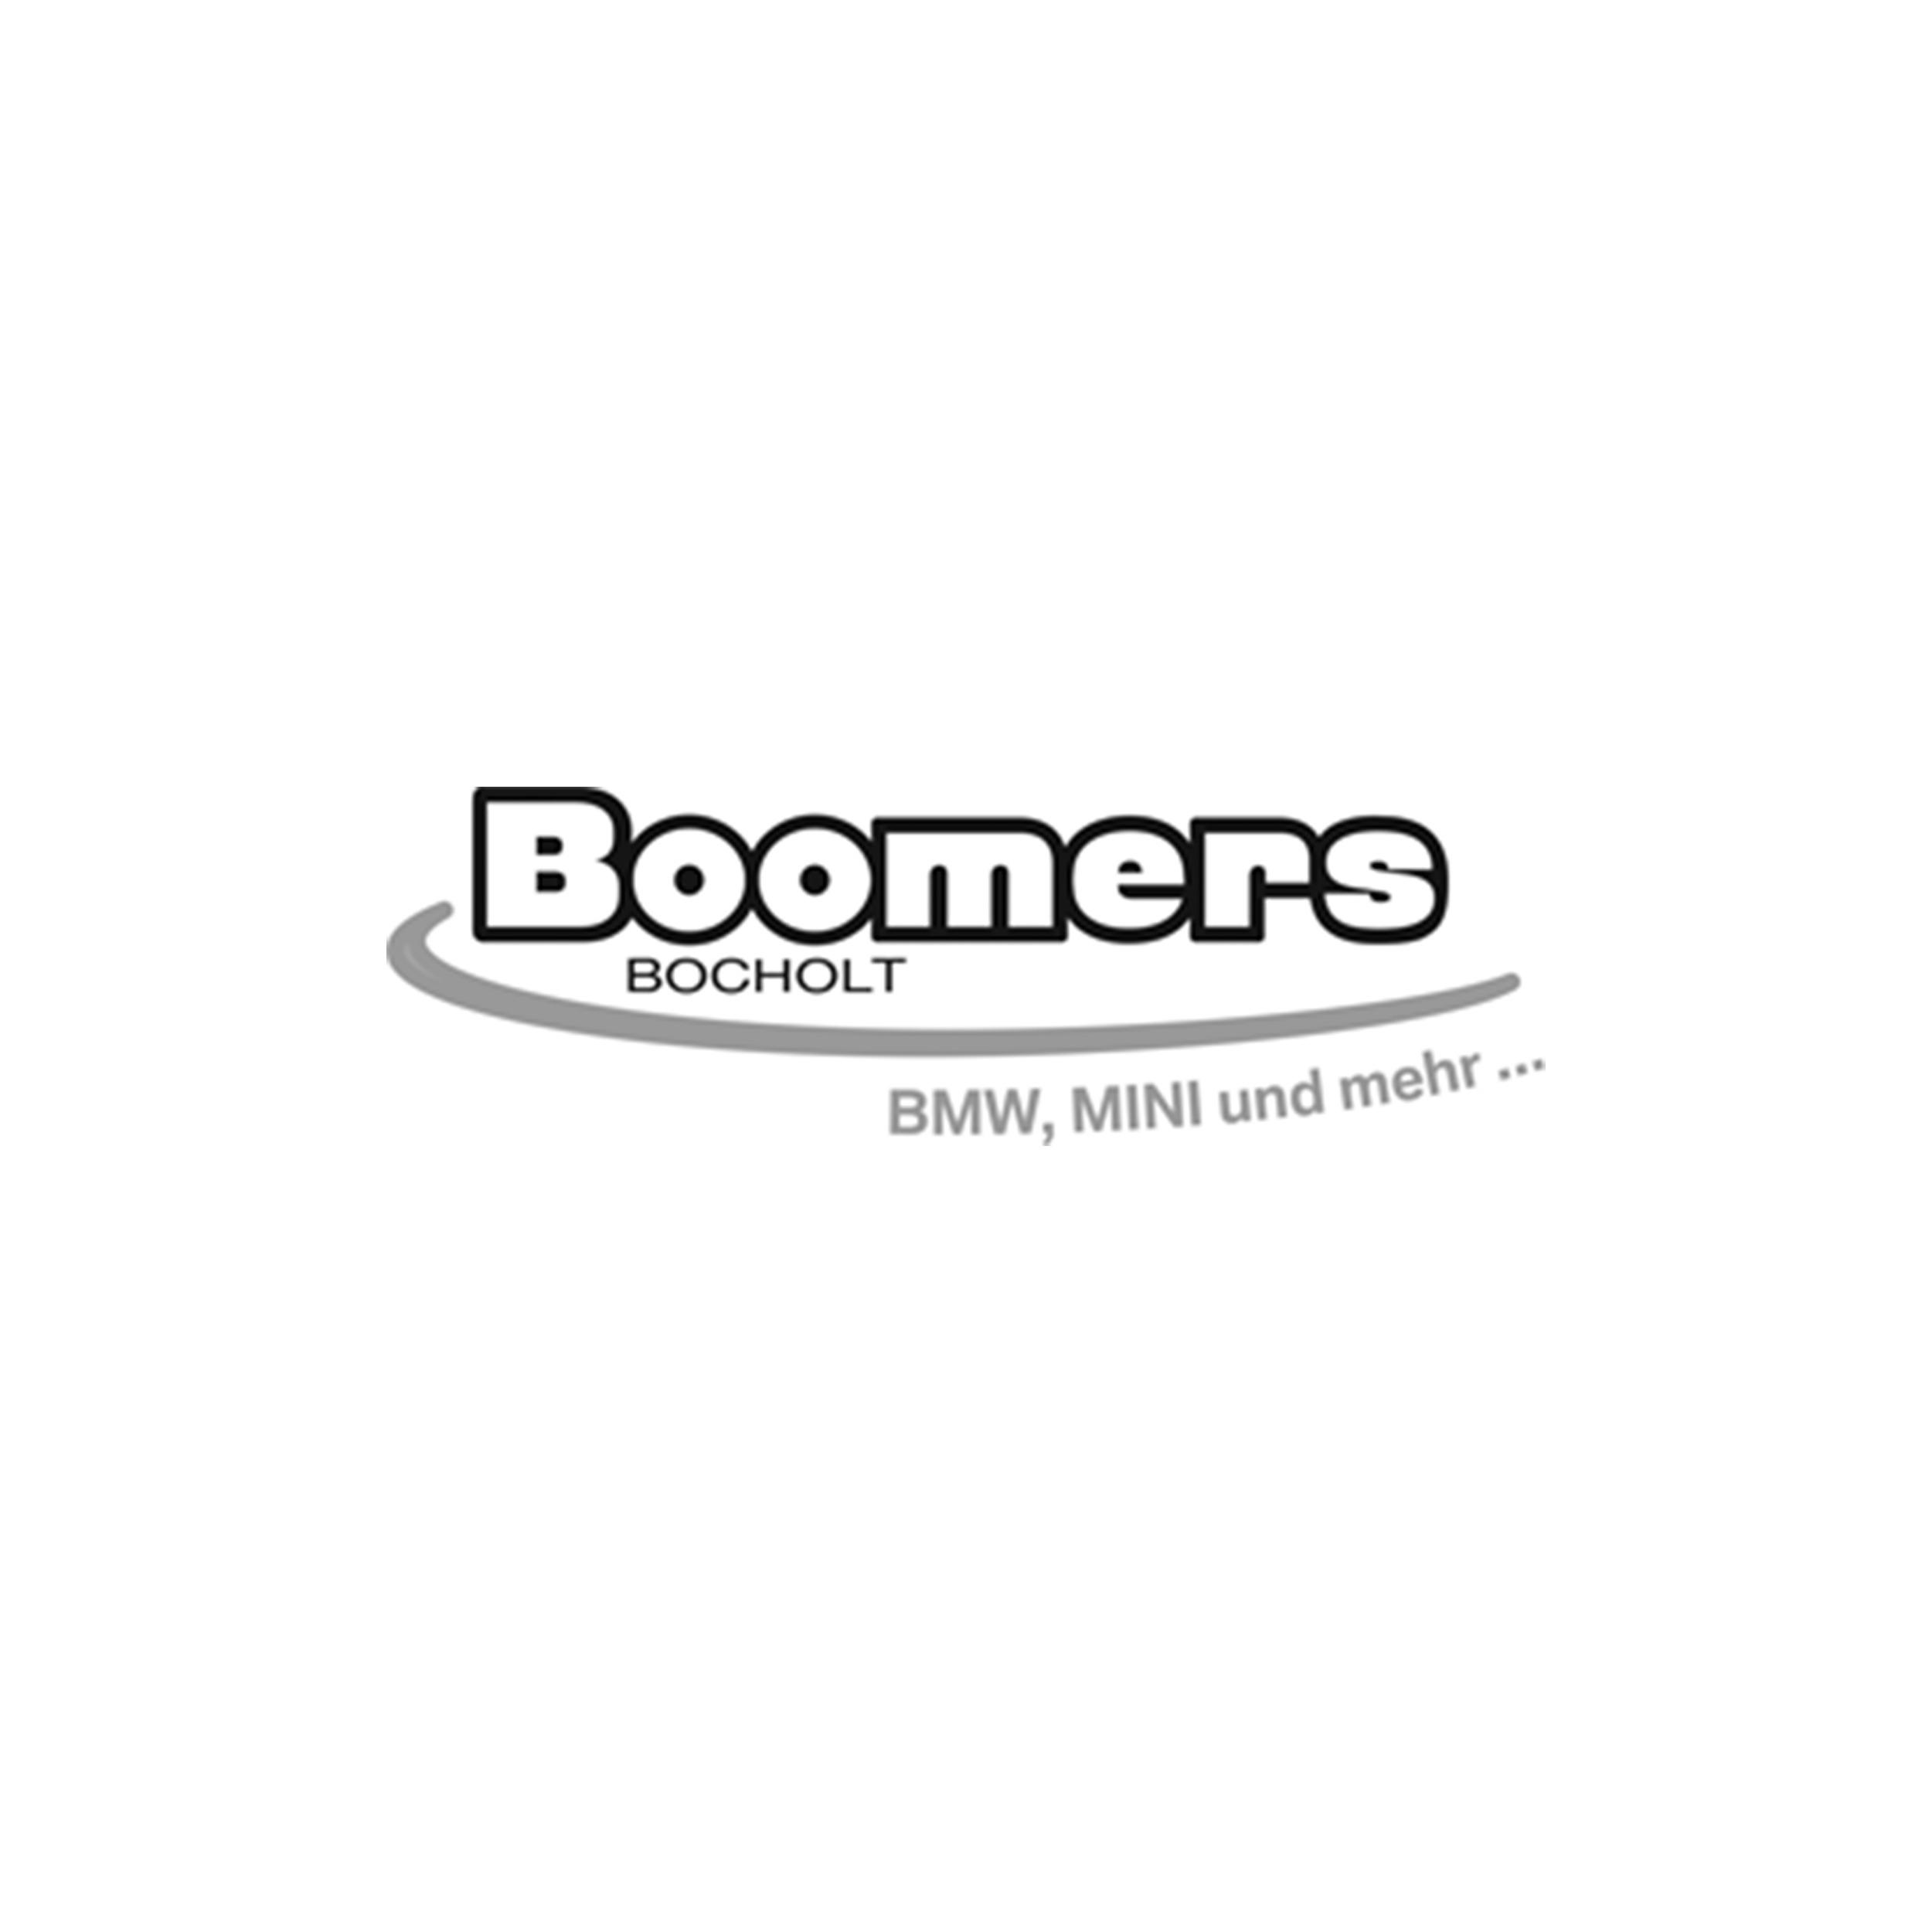 Bocholt800_Basis-Boomers_20210811